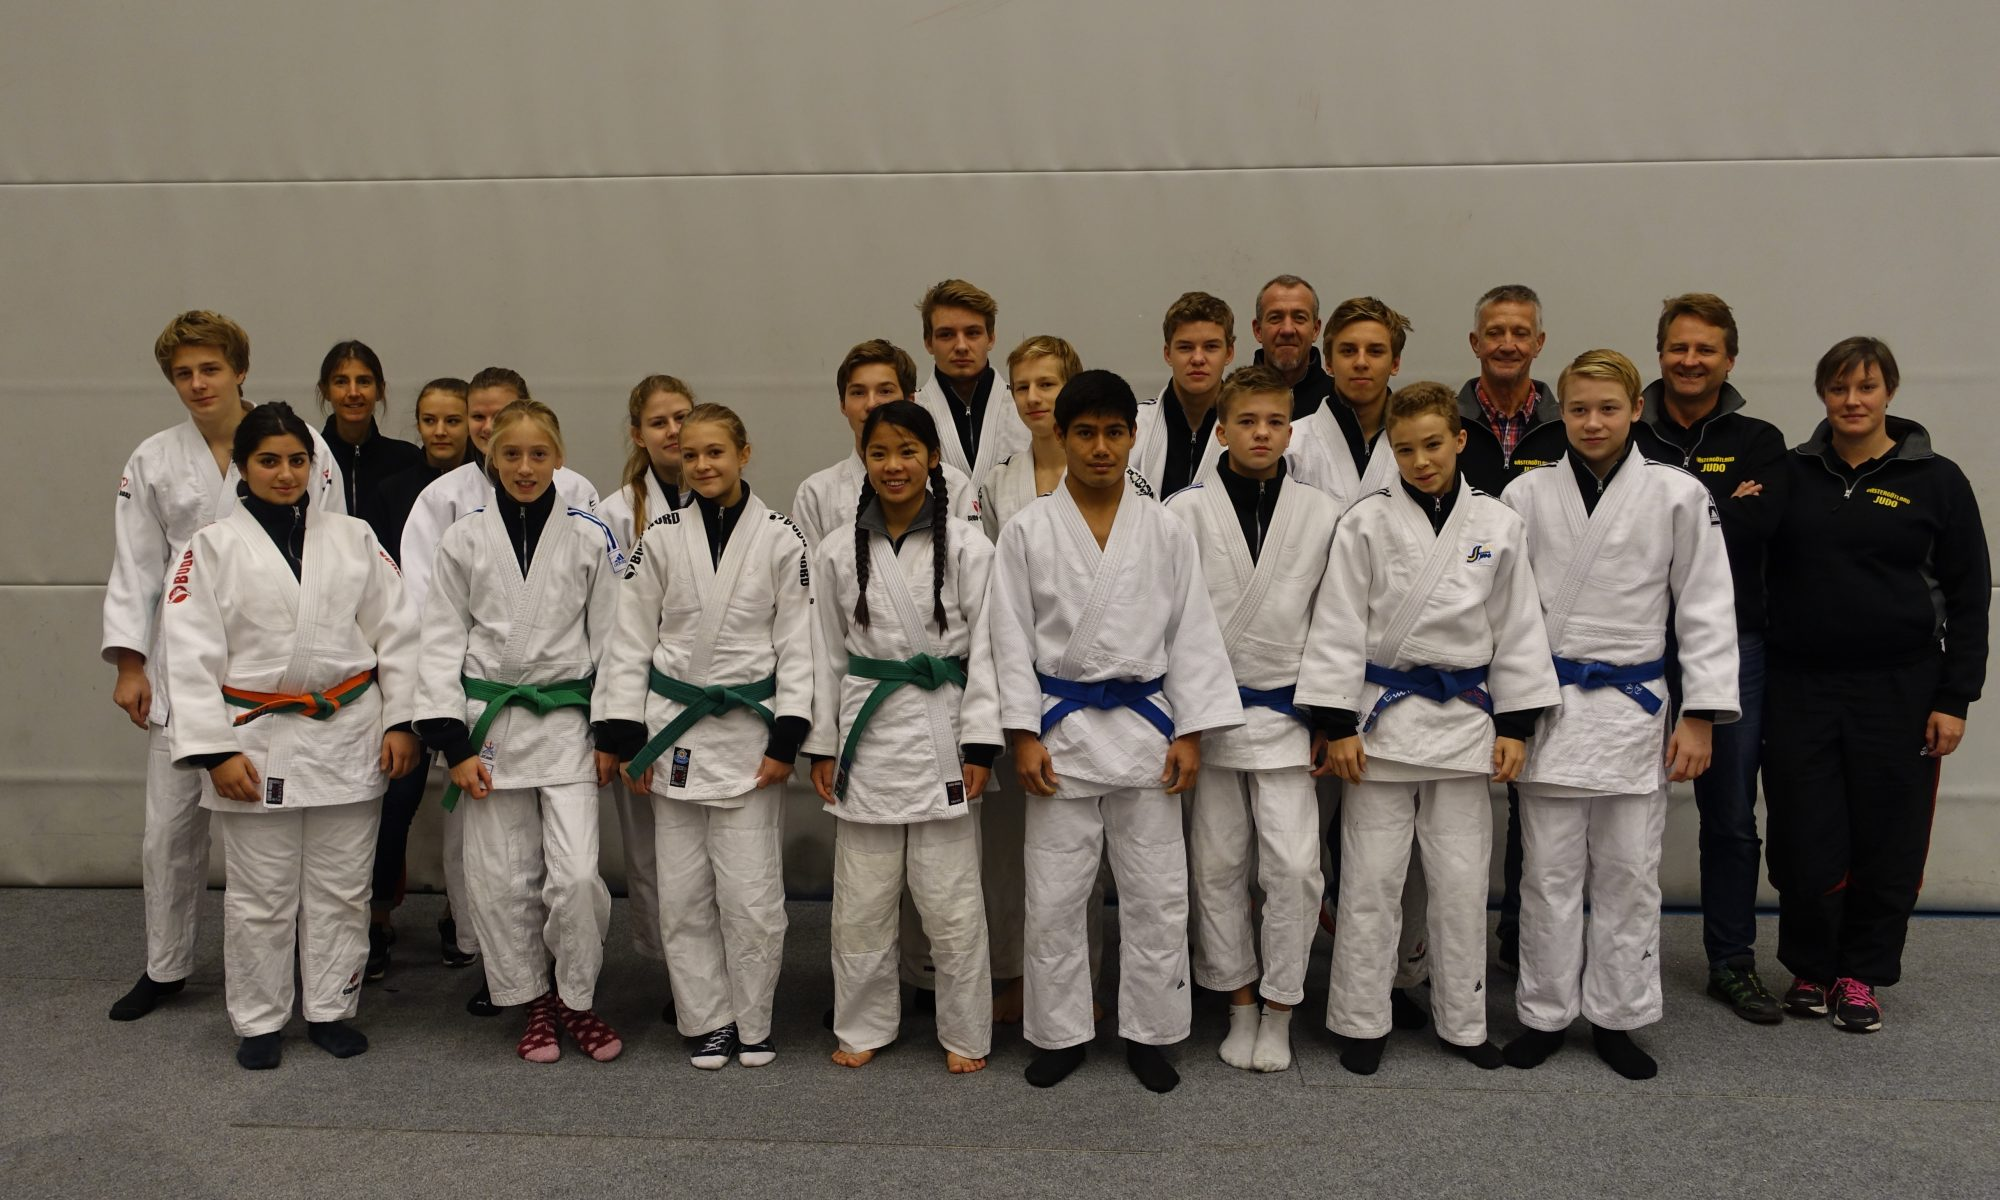 Västergötlands Judoförbund